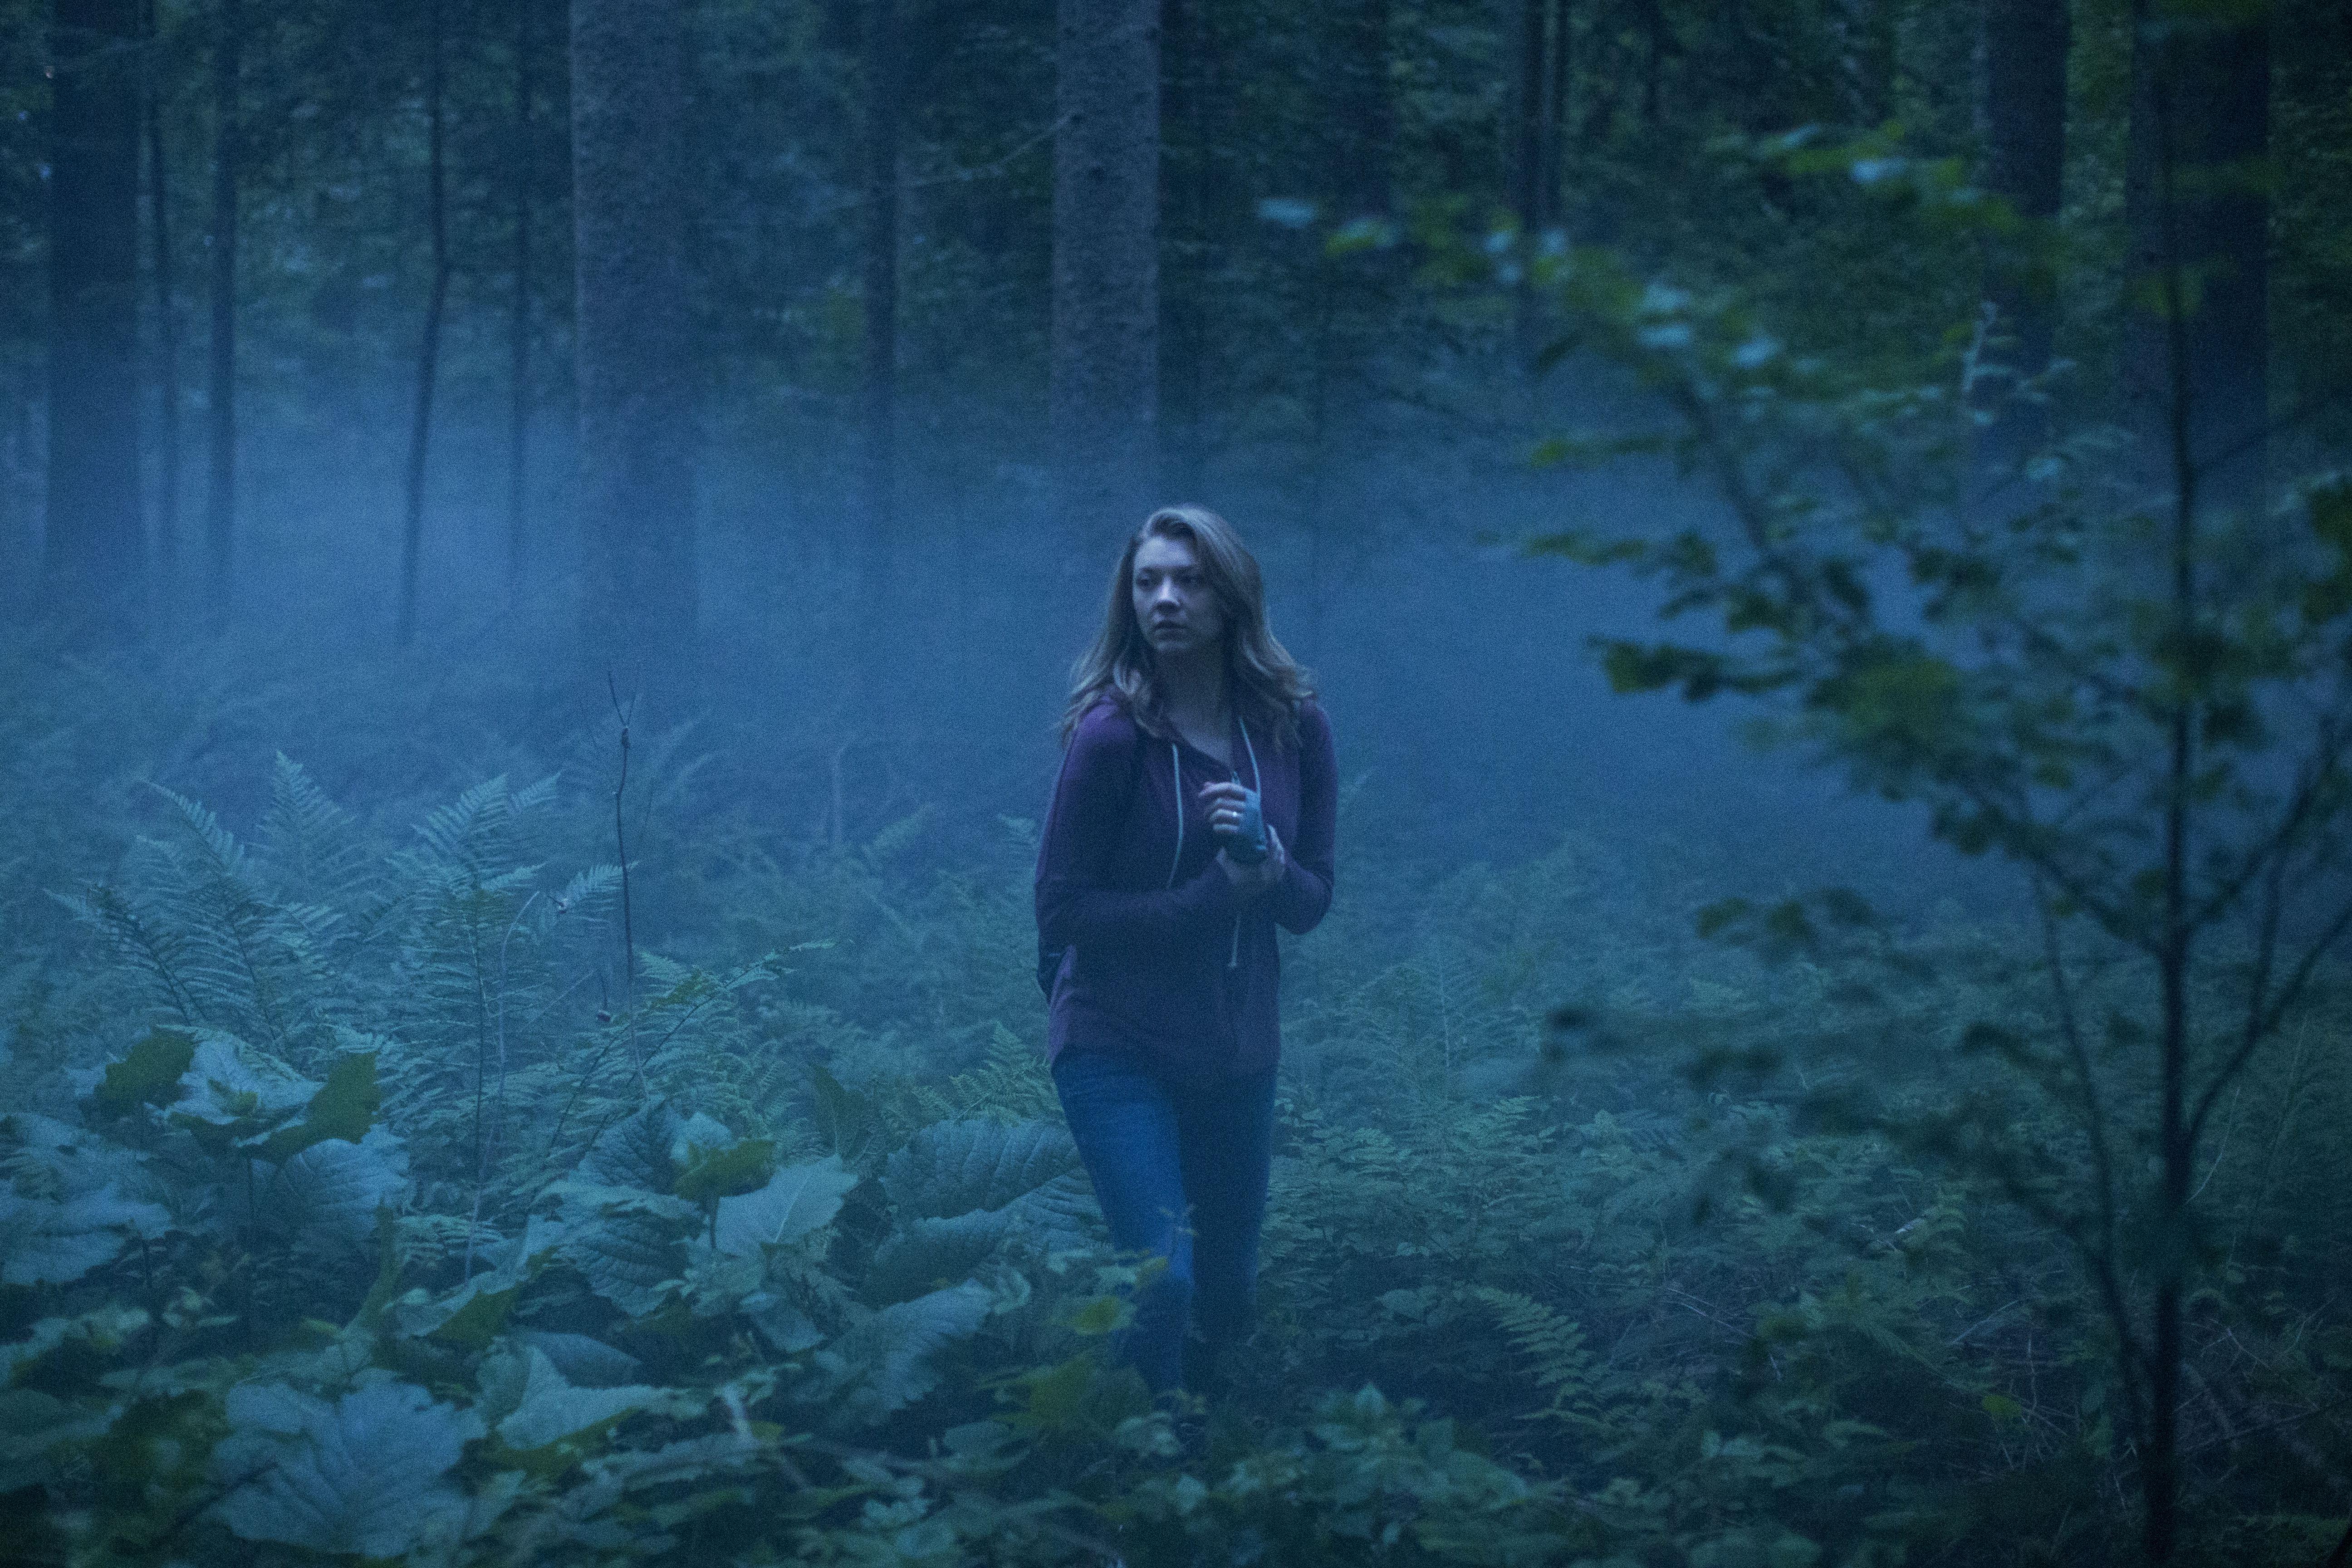 Сестру в лесу онлайн 11 фотография